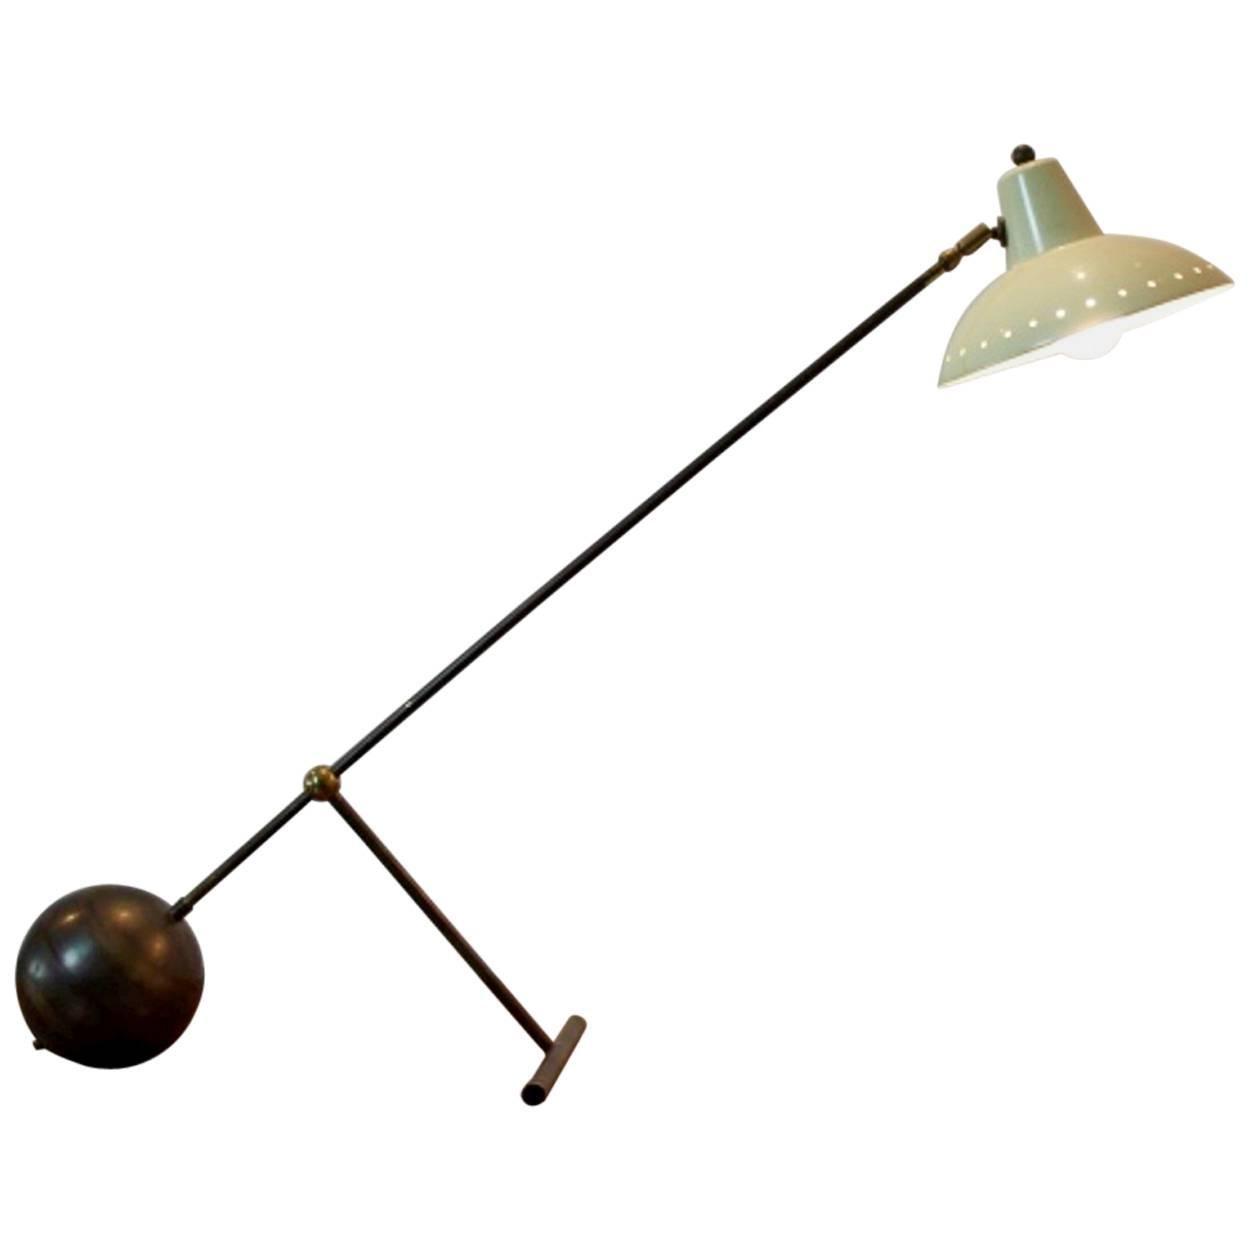 Rare Stilnovo Modernist Brass Table or Desk Light attributed to Stilnovo